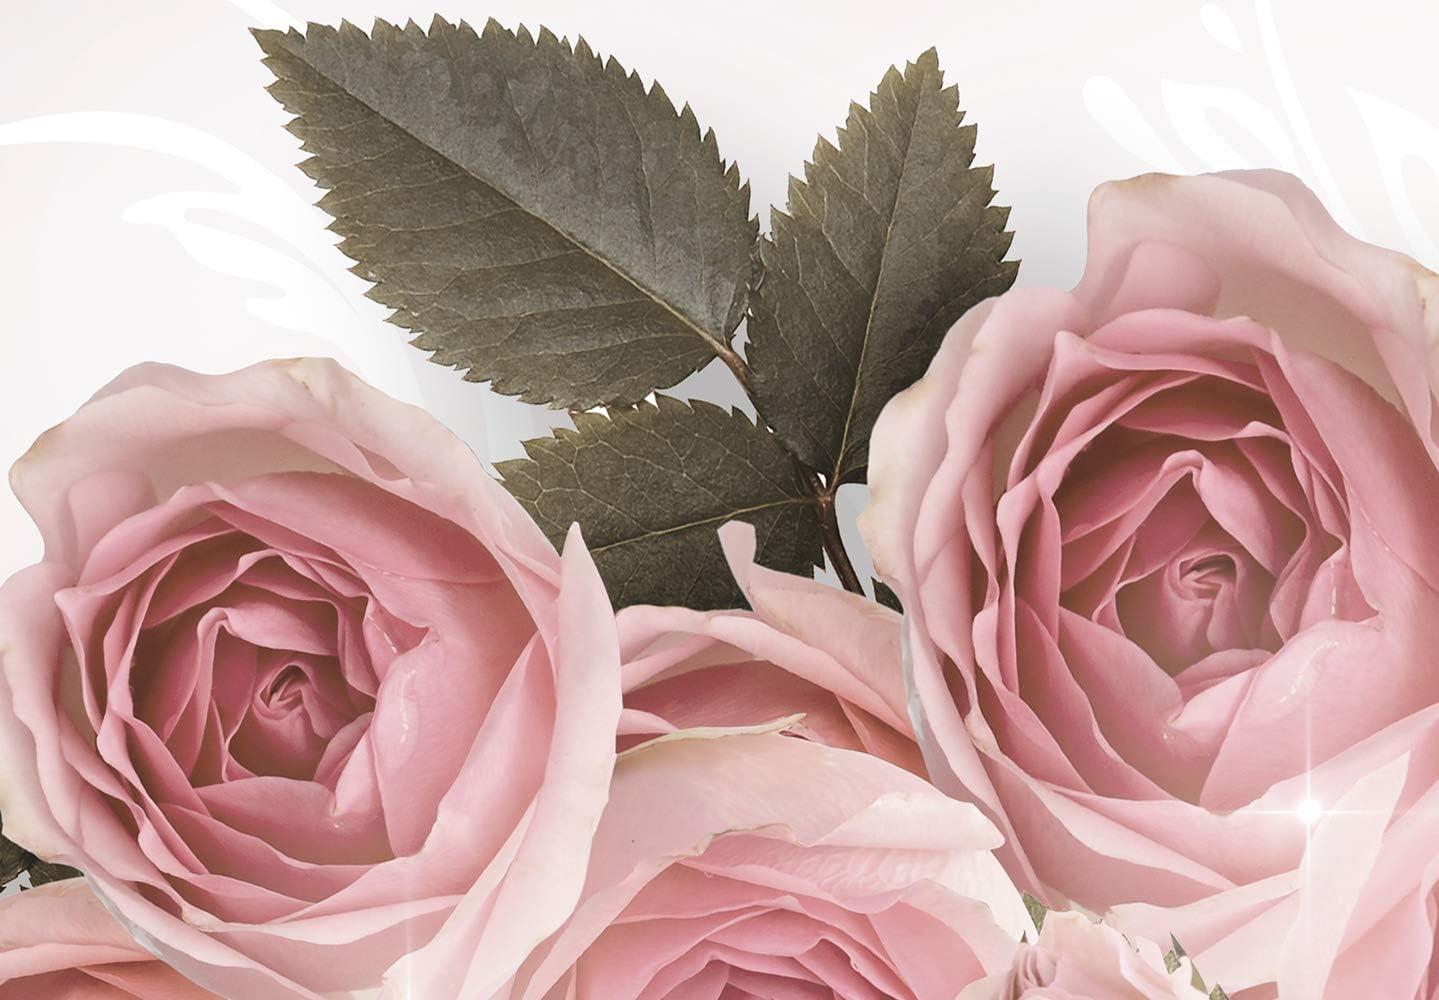 murando Impression sur Toile intissee Fleurs 90x60 cm 1 Piece Tableau Tableaux Decoration Murale Photo Image Artistique Photographie Graphique Fleurs Tulipe Rouge b-A-0349-b-a